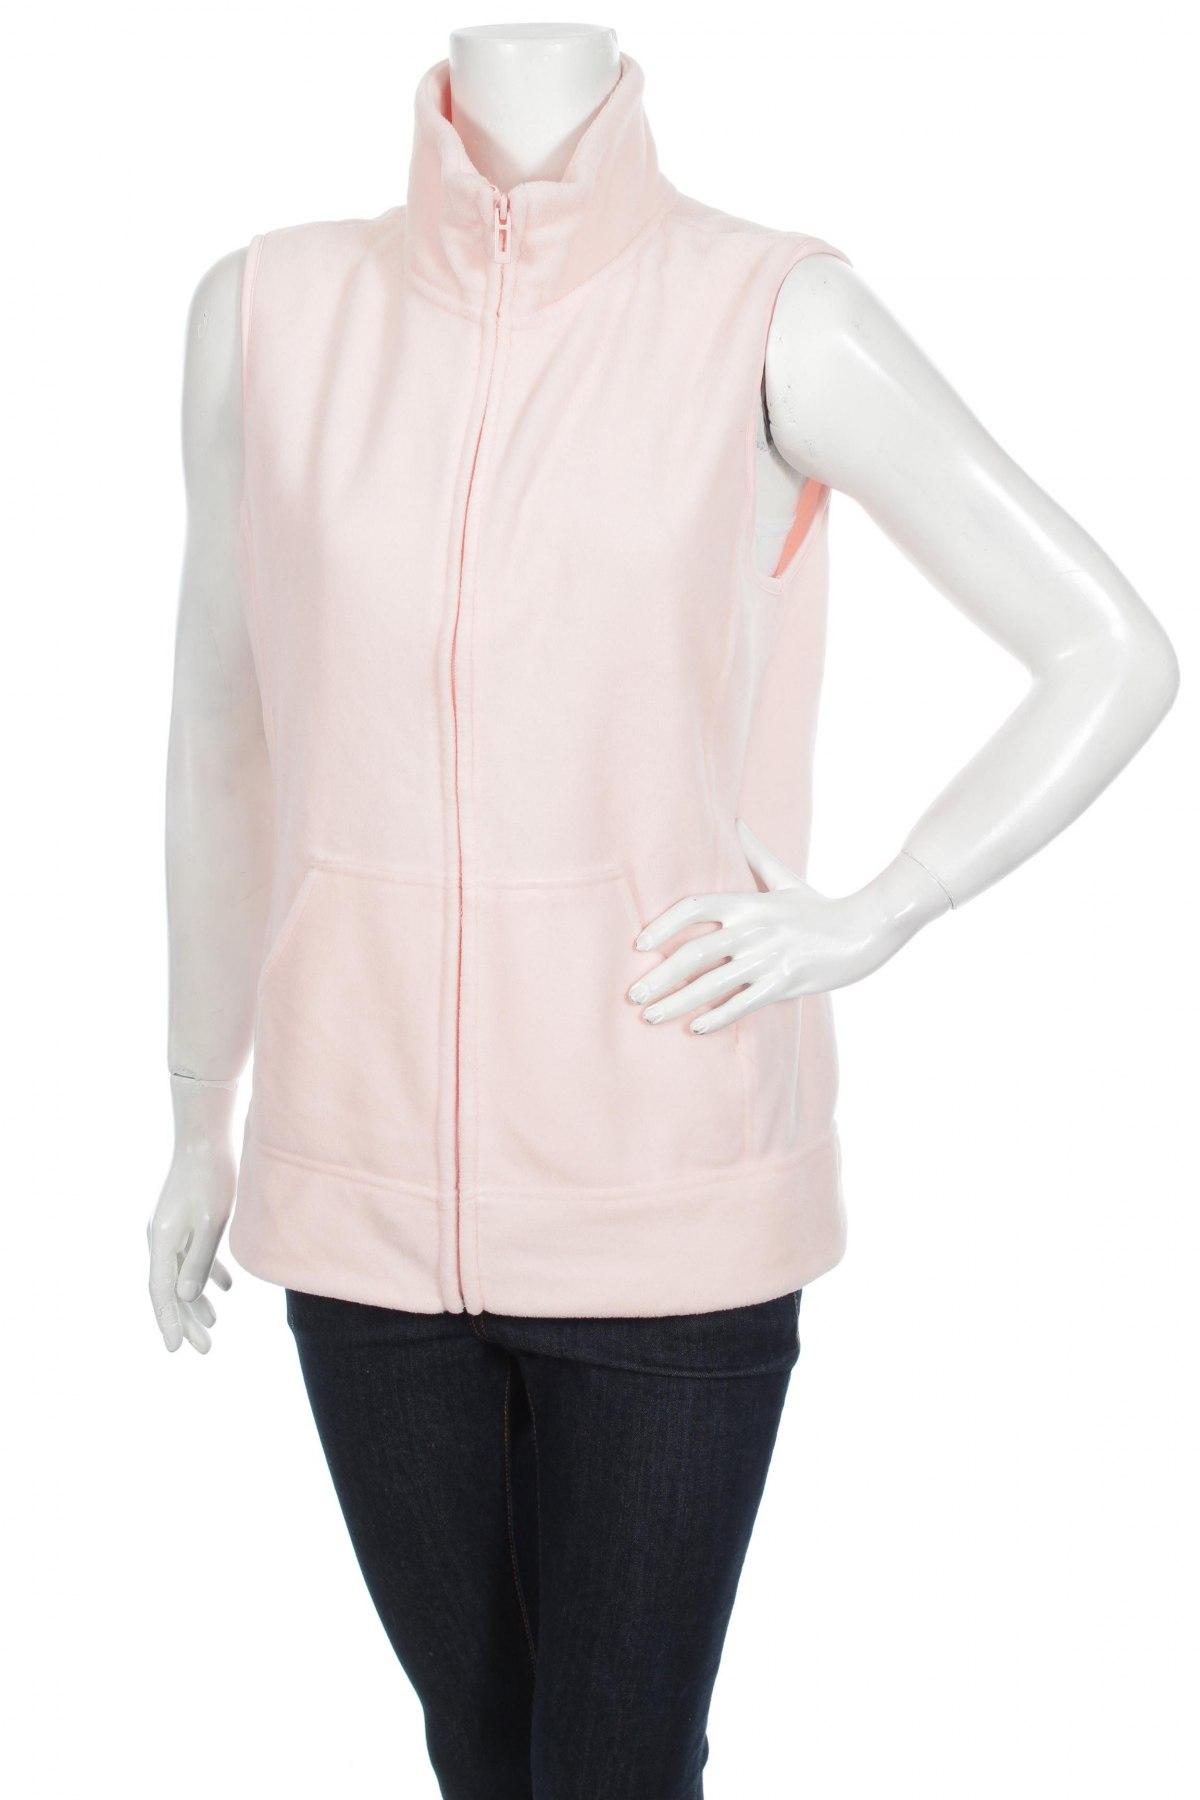 Дамски поларен елек C&A, Размер M, Цвят Розов, 100% полиестер, Цена 29,90лв.